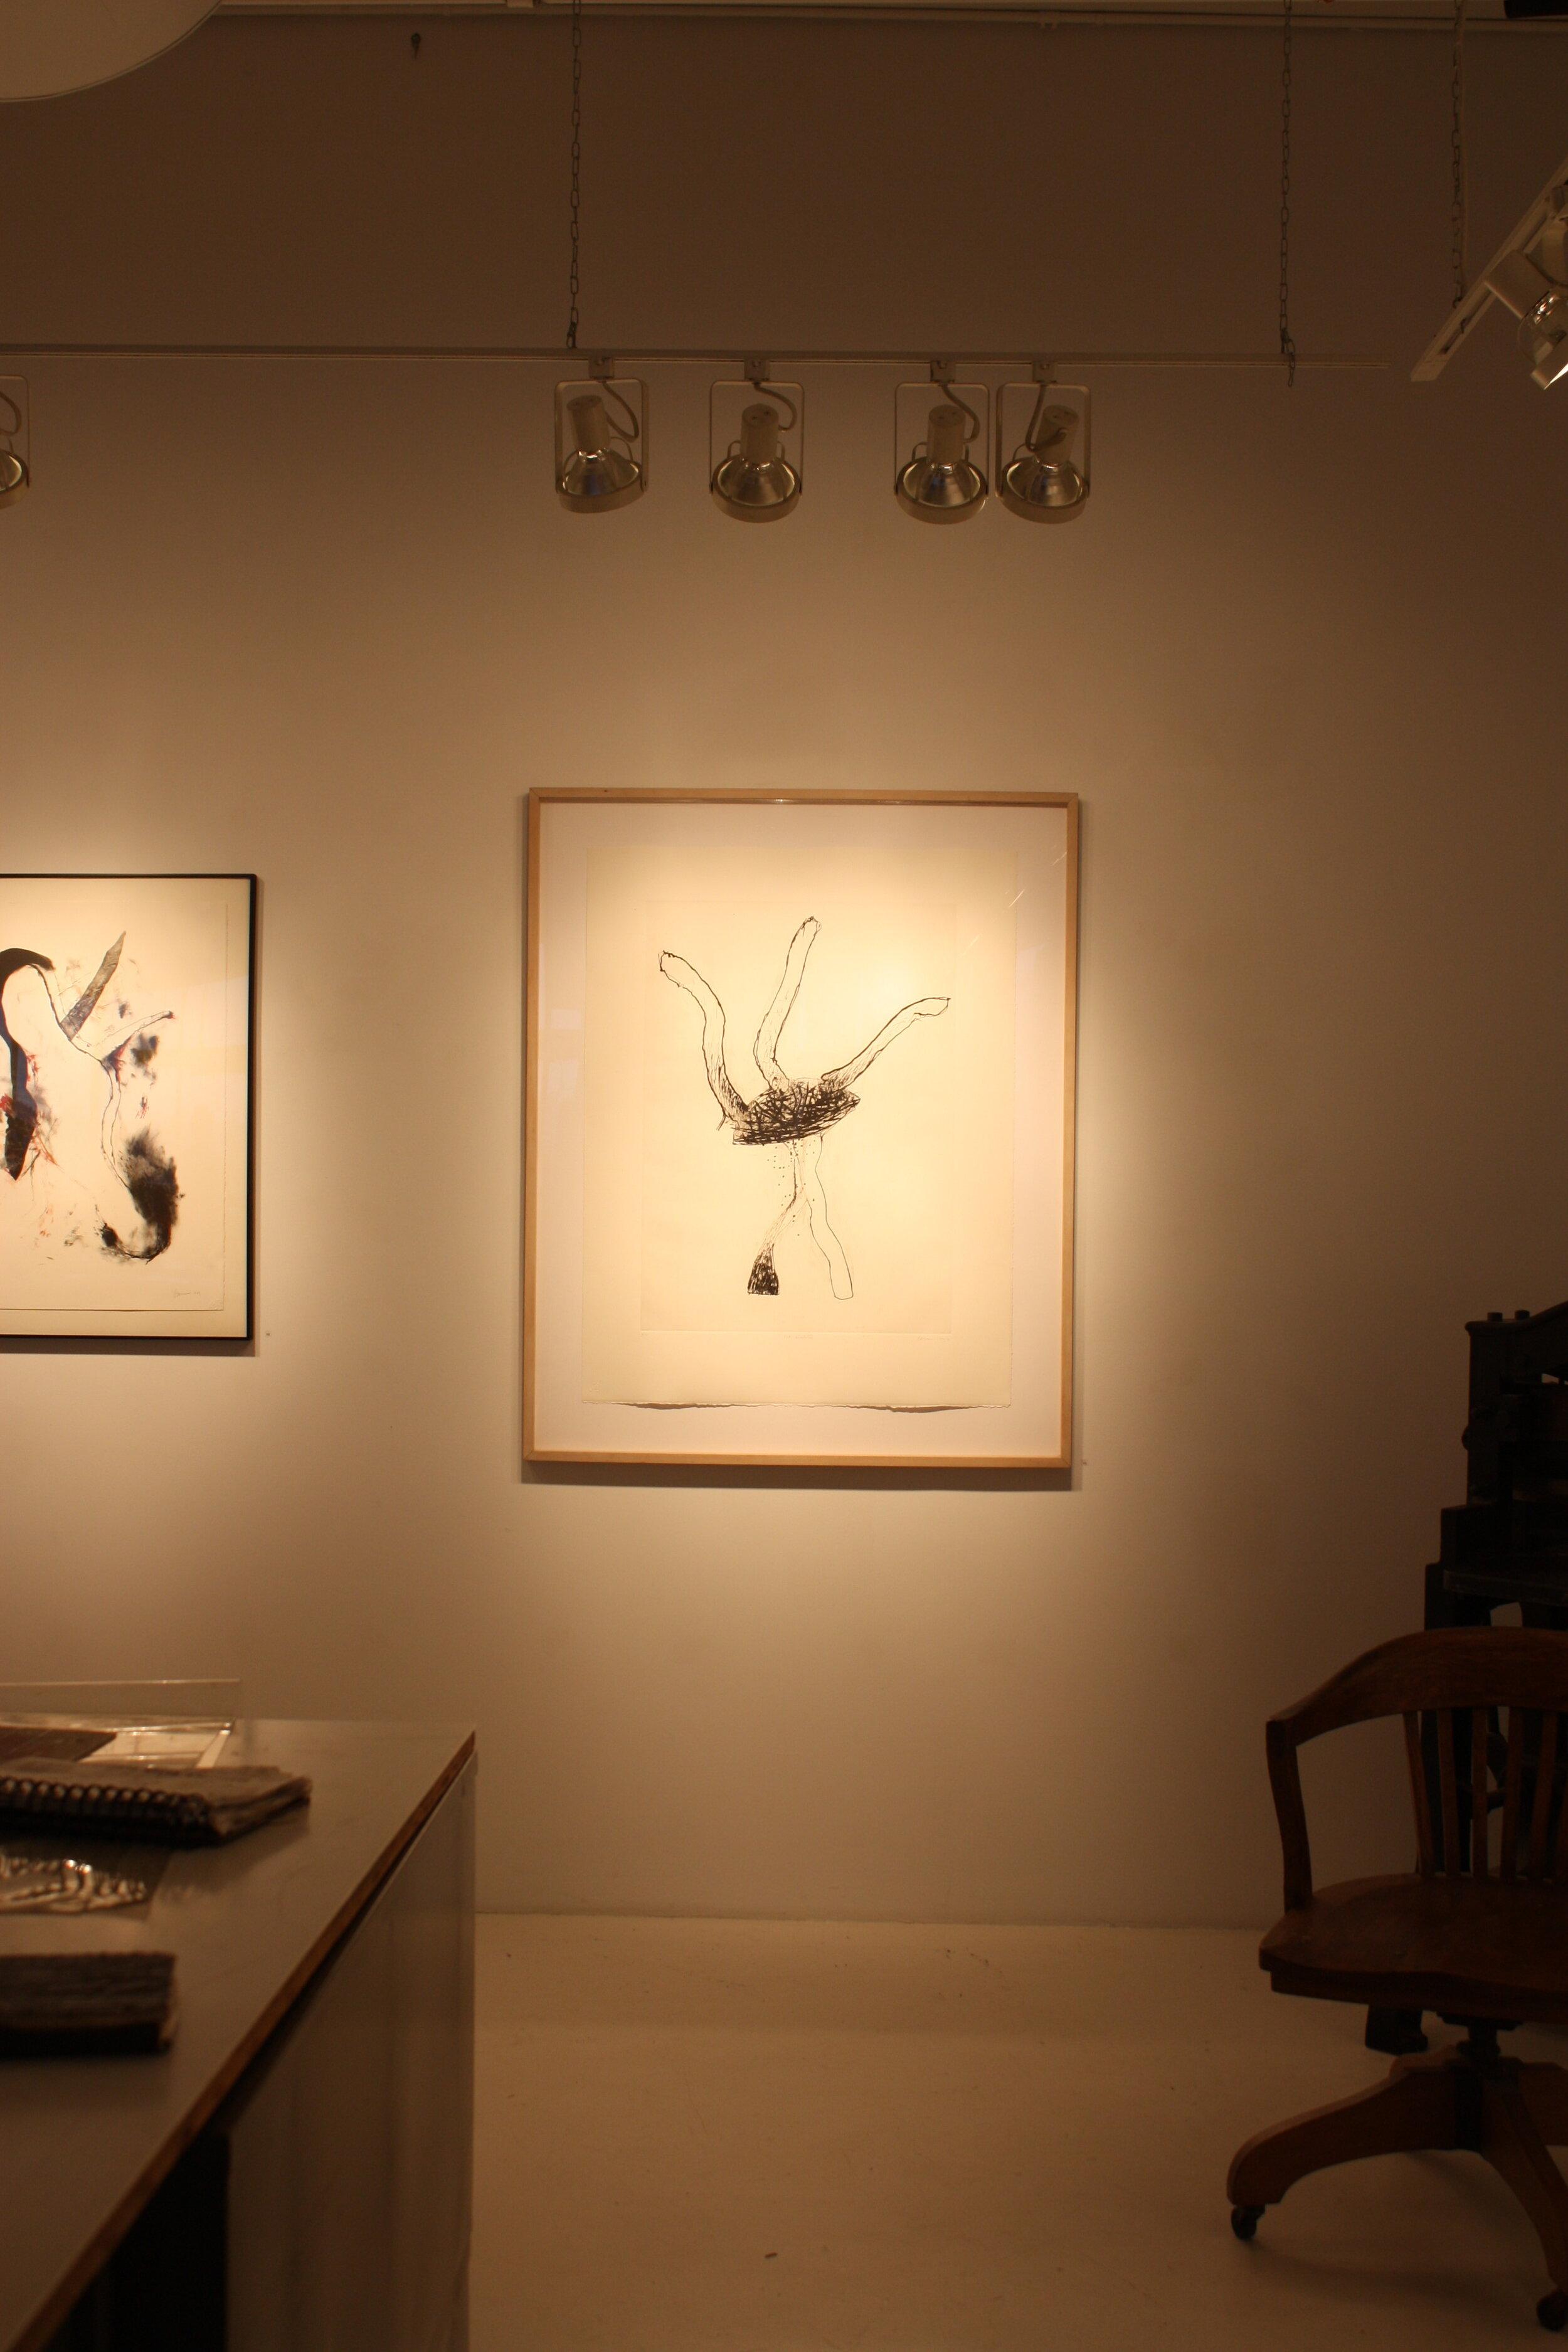 Post-Involution, 1993, pointe sèche, 113 x 79 cm, site web de l'artiste Marc Garneau -